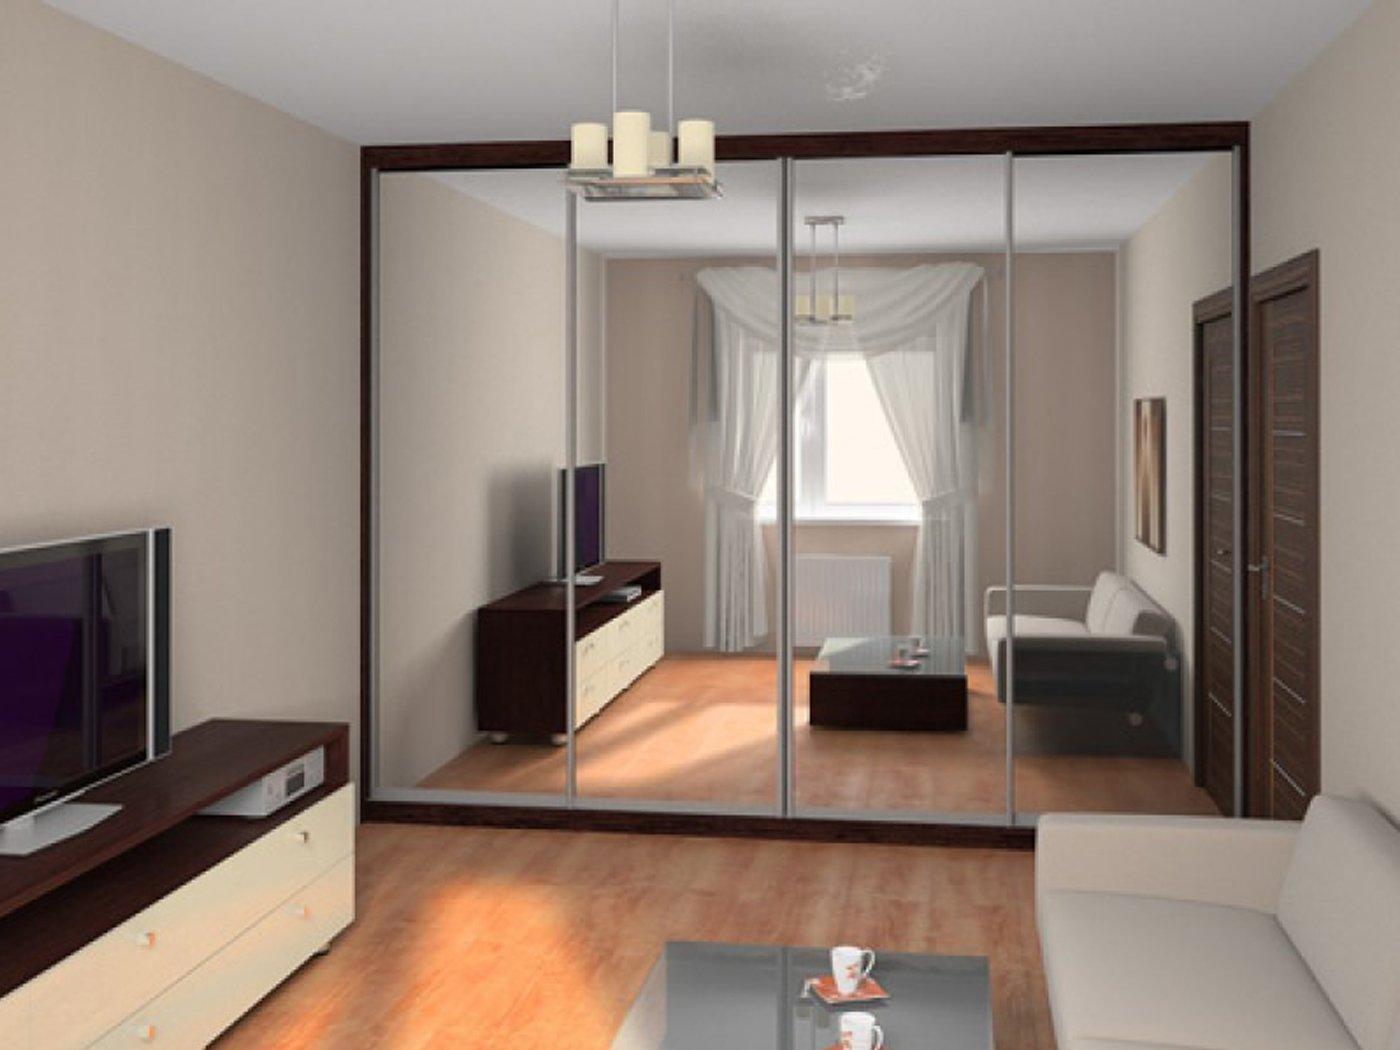 Как обустроить маленькую комнату: идеи дизайна, мебель, фото.